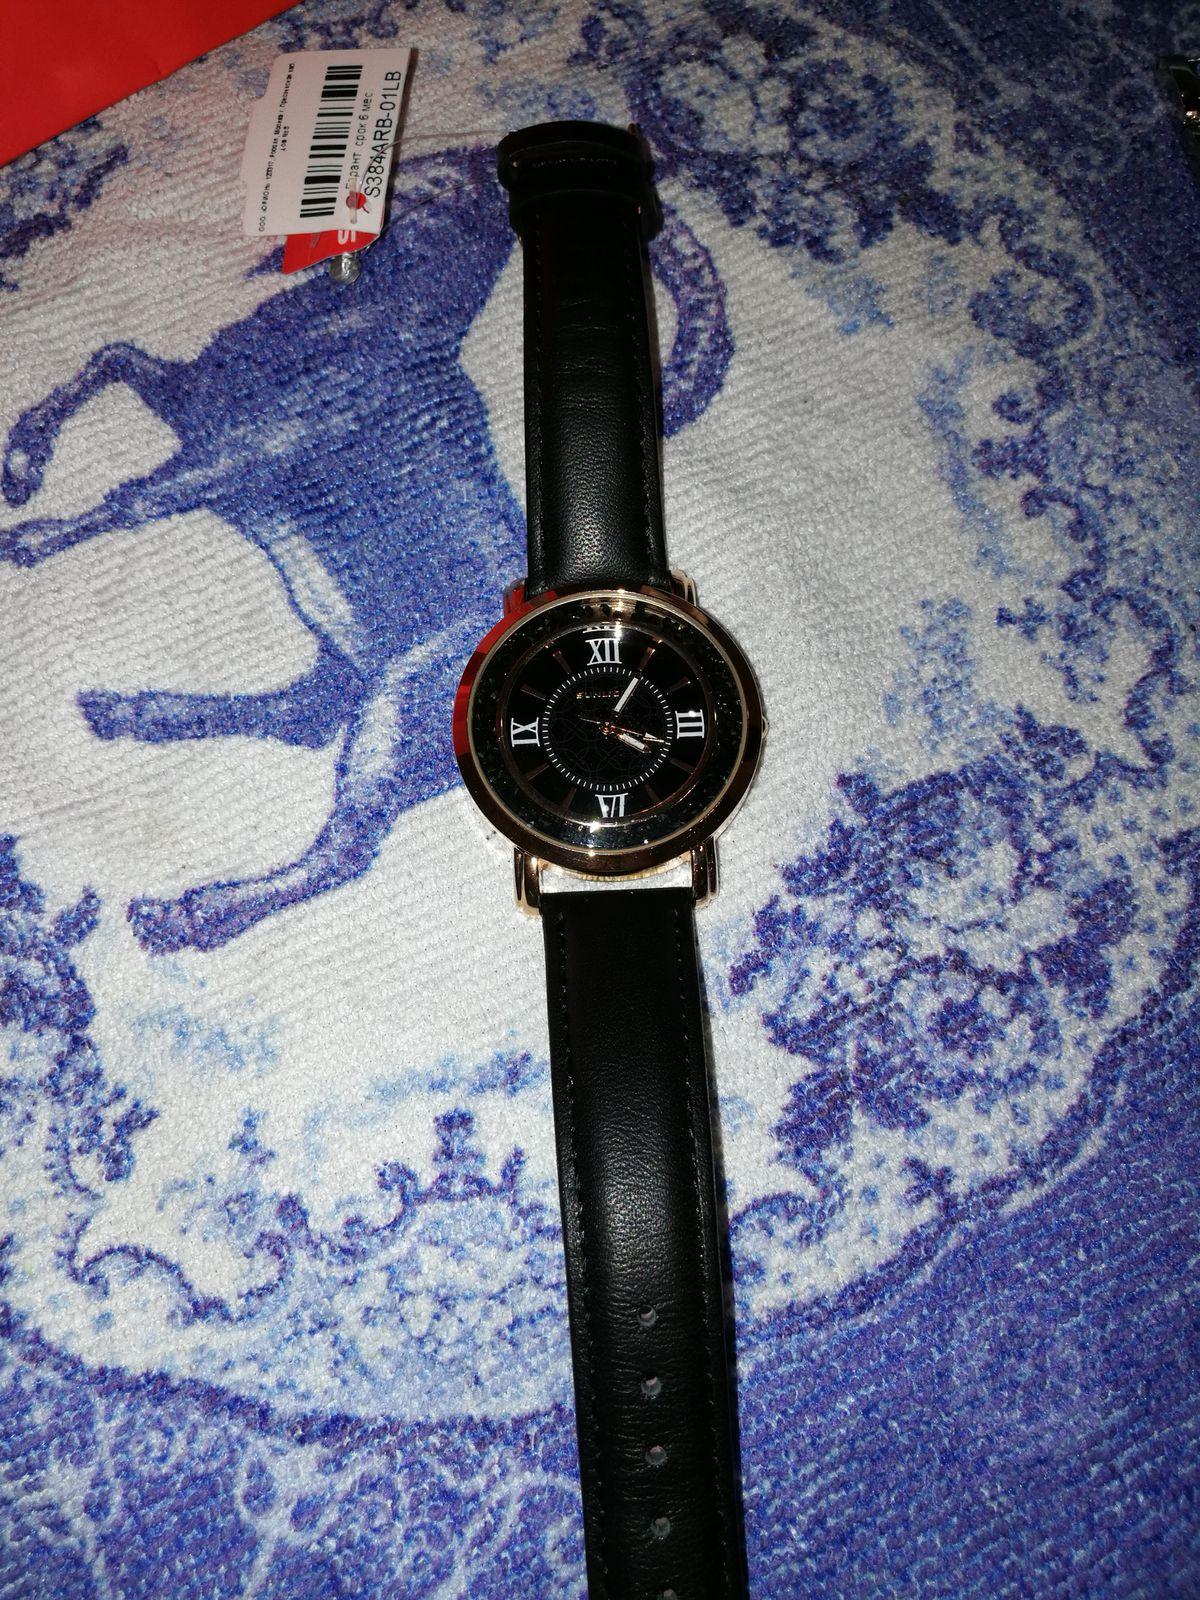 Прккрасные часы для себя, либо в подарок. Они не останутся незамеченными!!!